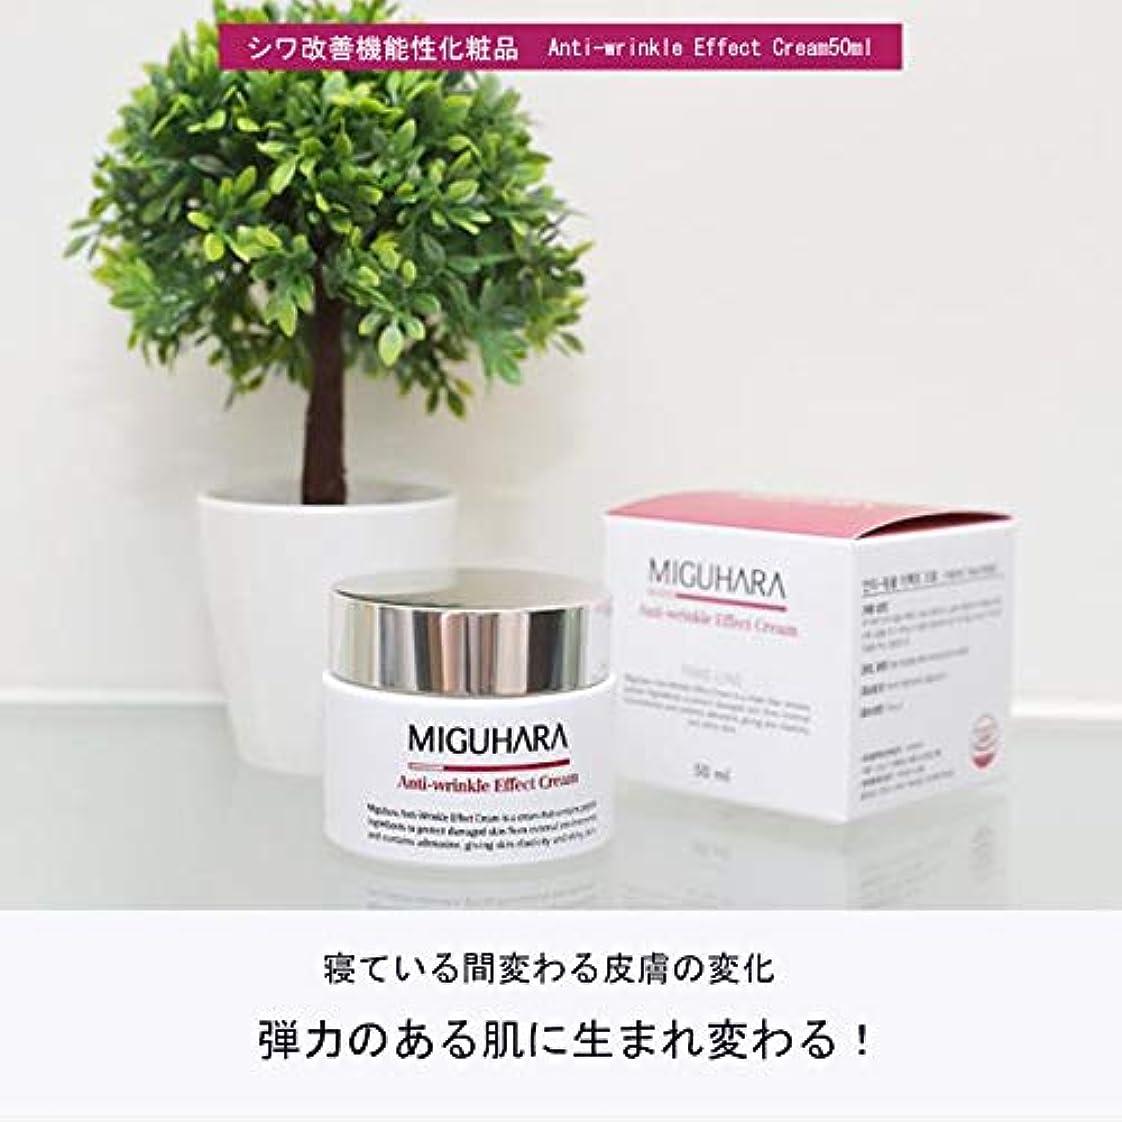 レギュラー塗抹見る人MIGUHARA アンチ-リンクルエフェクトクリーム 50ml / Anti-wrinkle Effect Cream 50ml